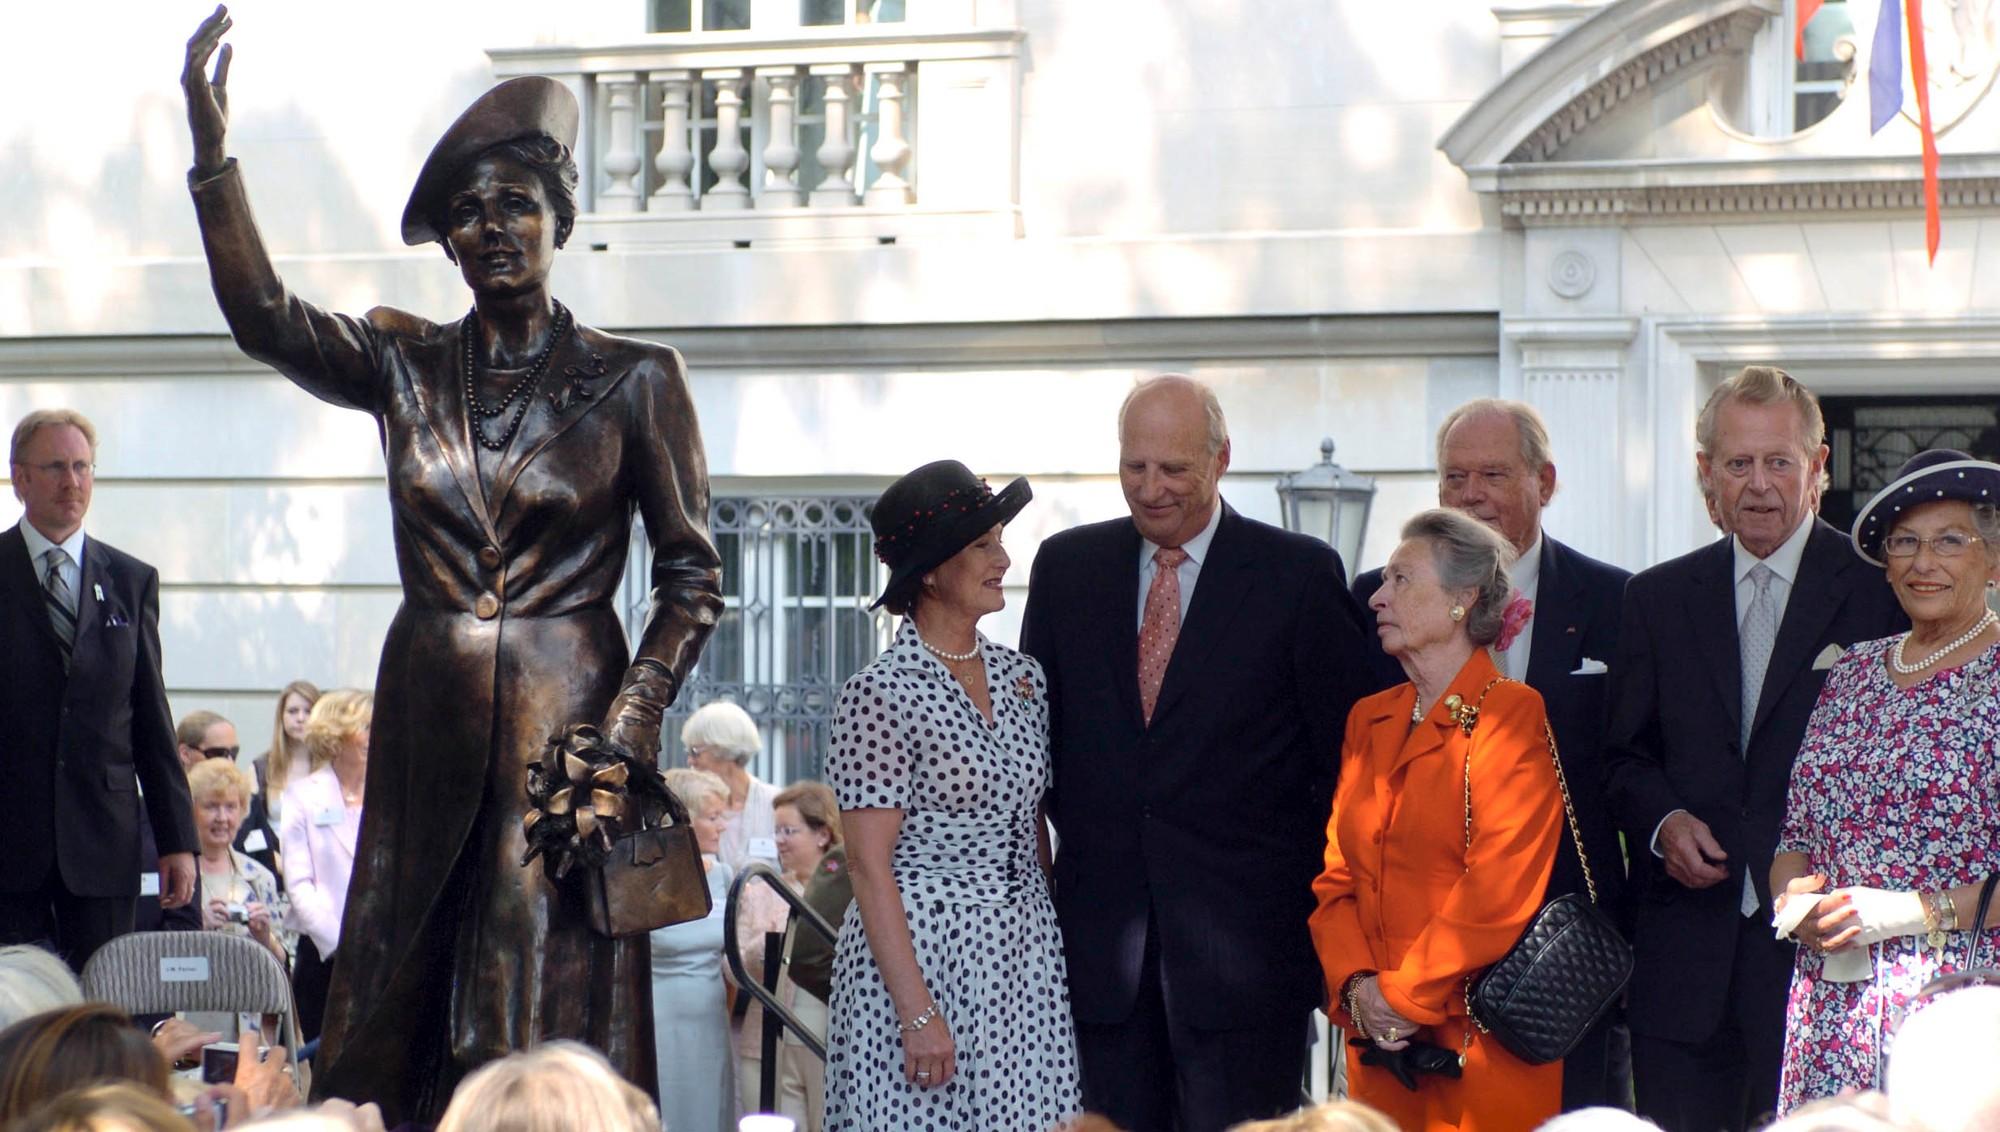 Принцесса с супругом на открытии в Вашингтоне королевой Соней статуи, посвящённой кронпринцессе Märtha